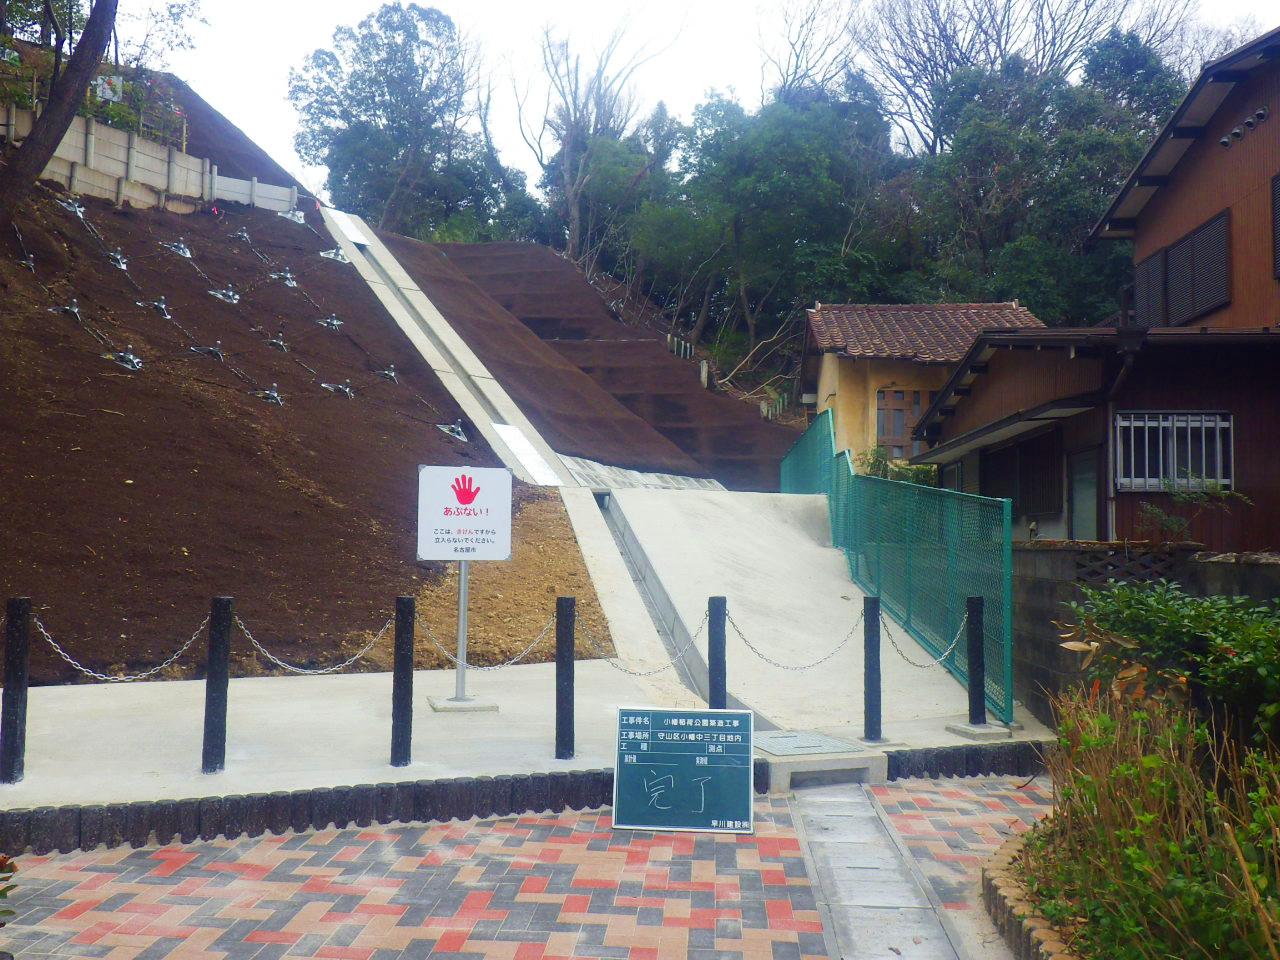 小幡稲荷公園築造工事 名古屋市